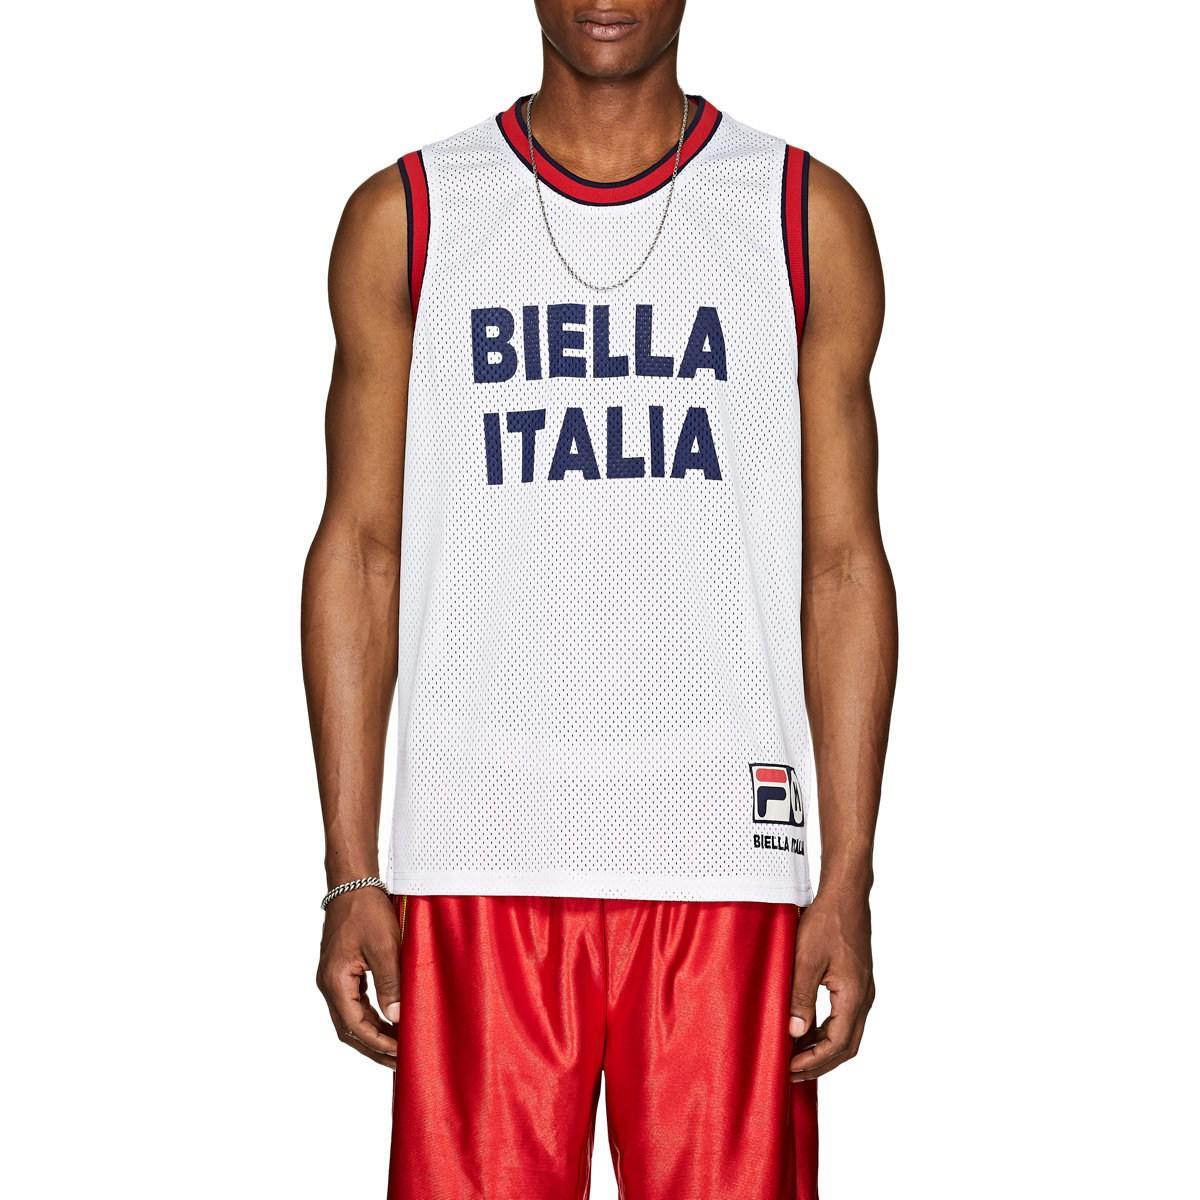 d3b5c3025aeb Fila biella Italia Athletic Mesh Jersey in White for Men - Save 57 ...